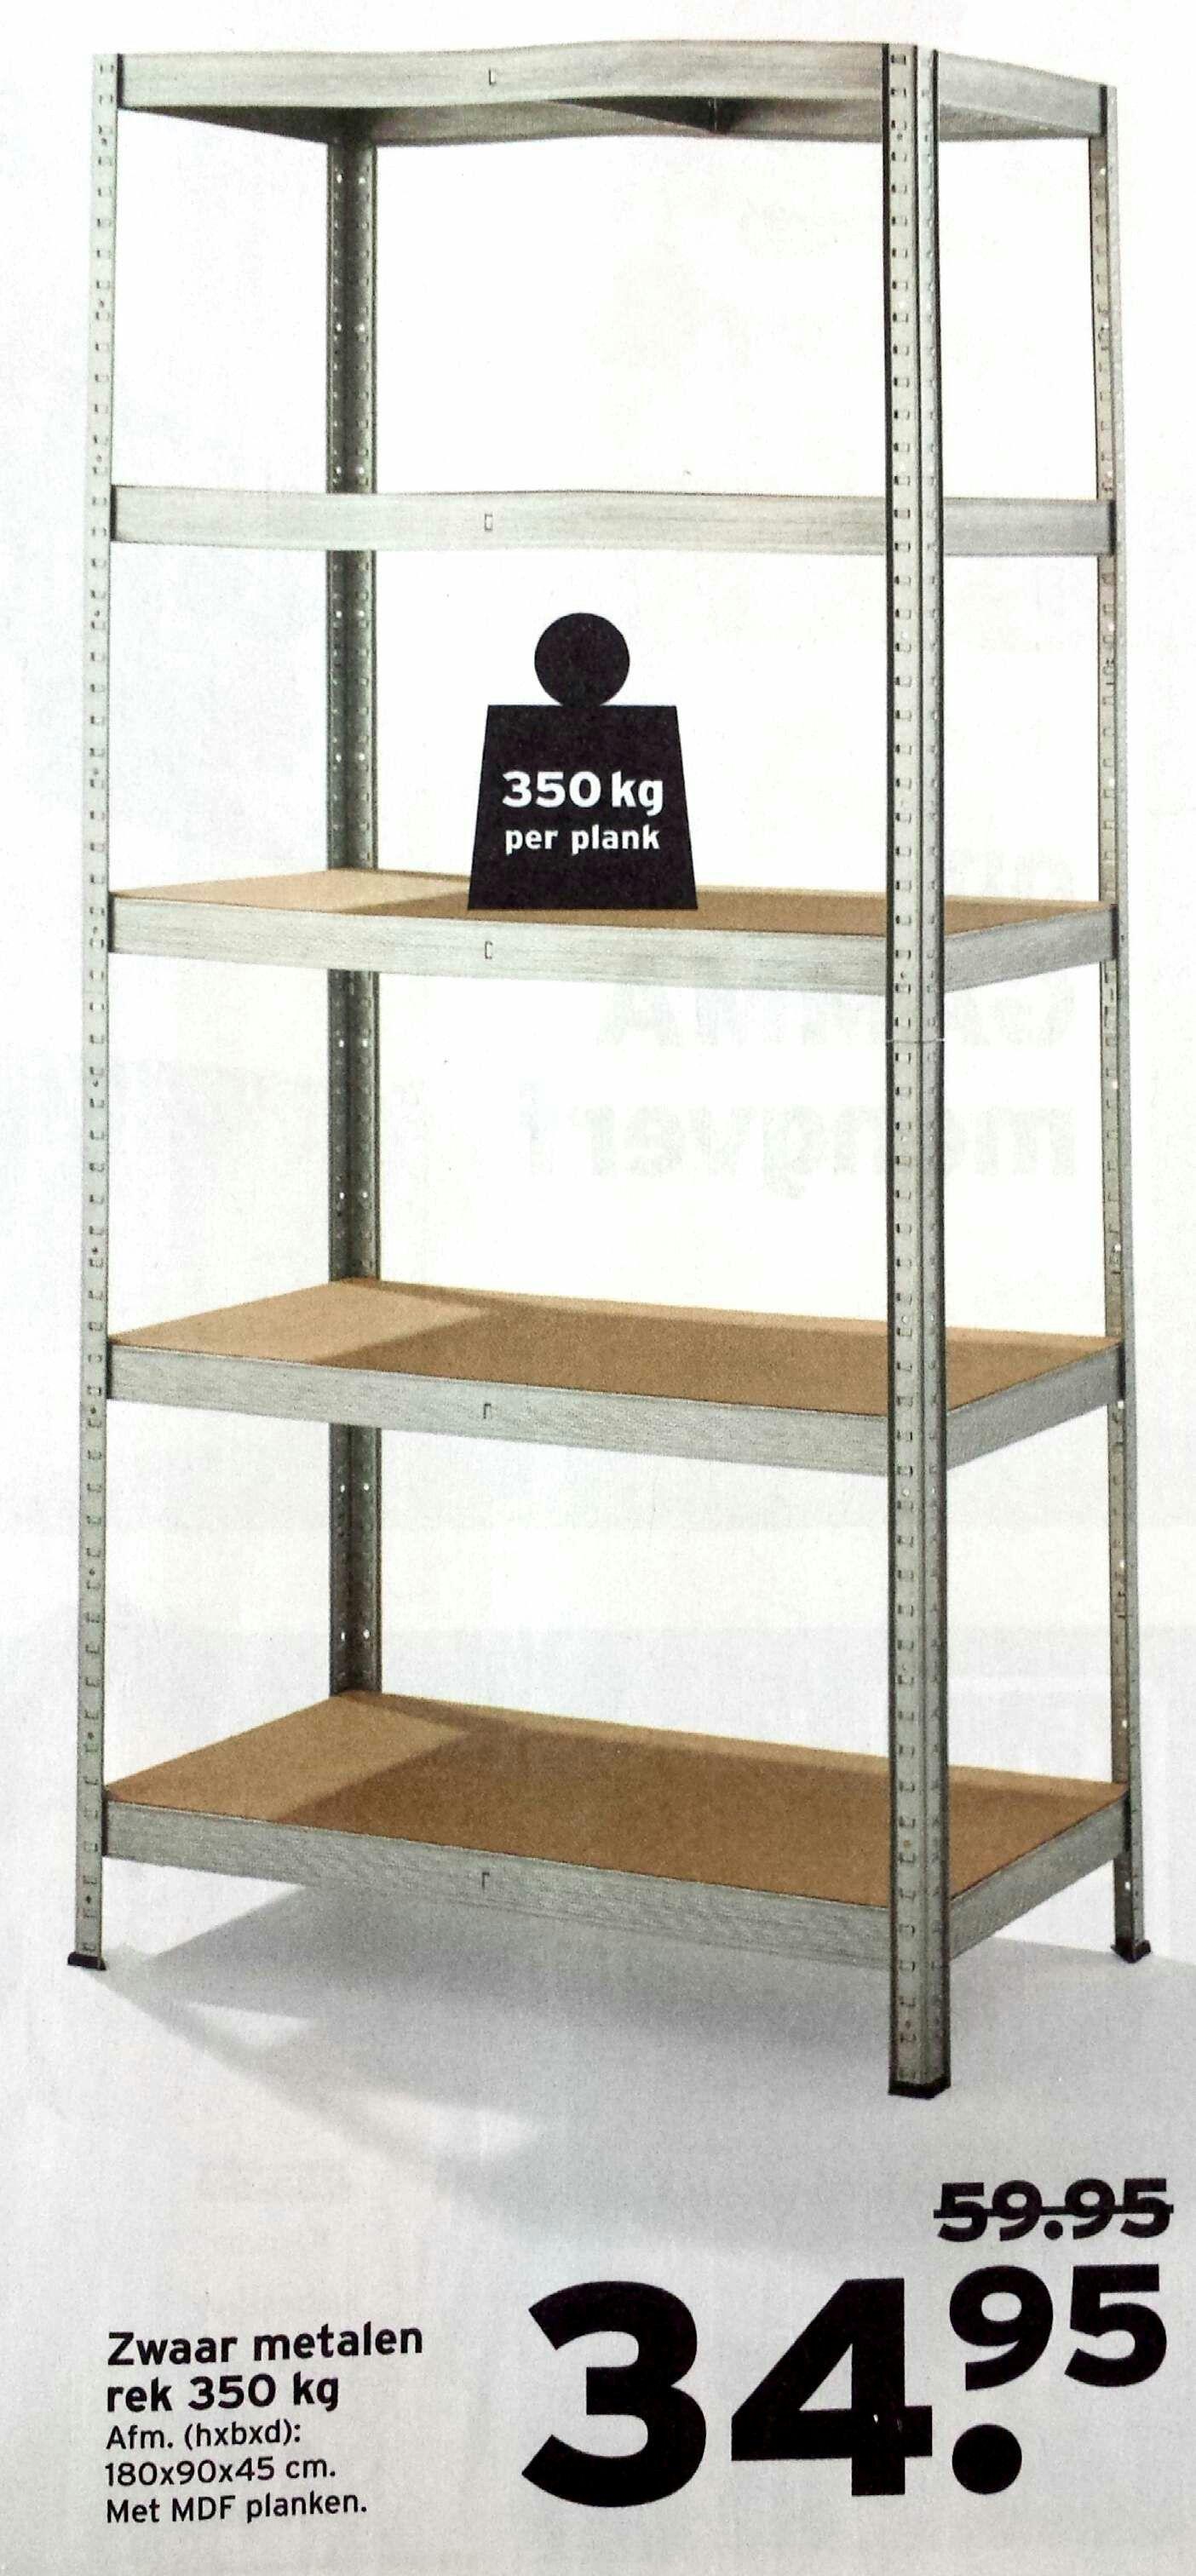 Zwaar Metalen Rek.Gamma Zwaar Metalen Rek In 2019 Ladder Bookcase Shelves